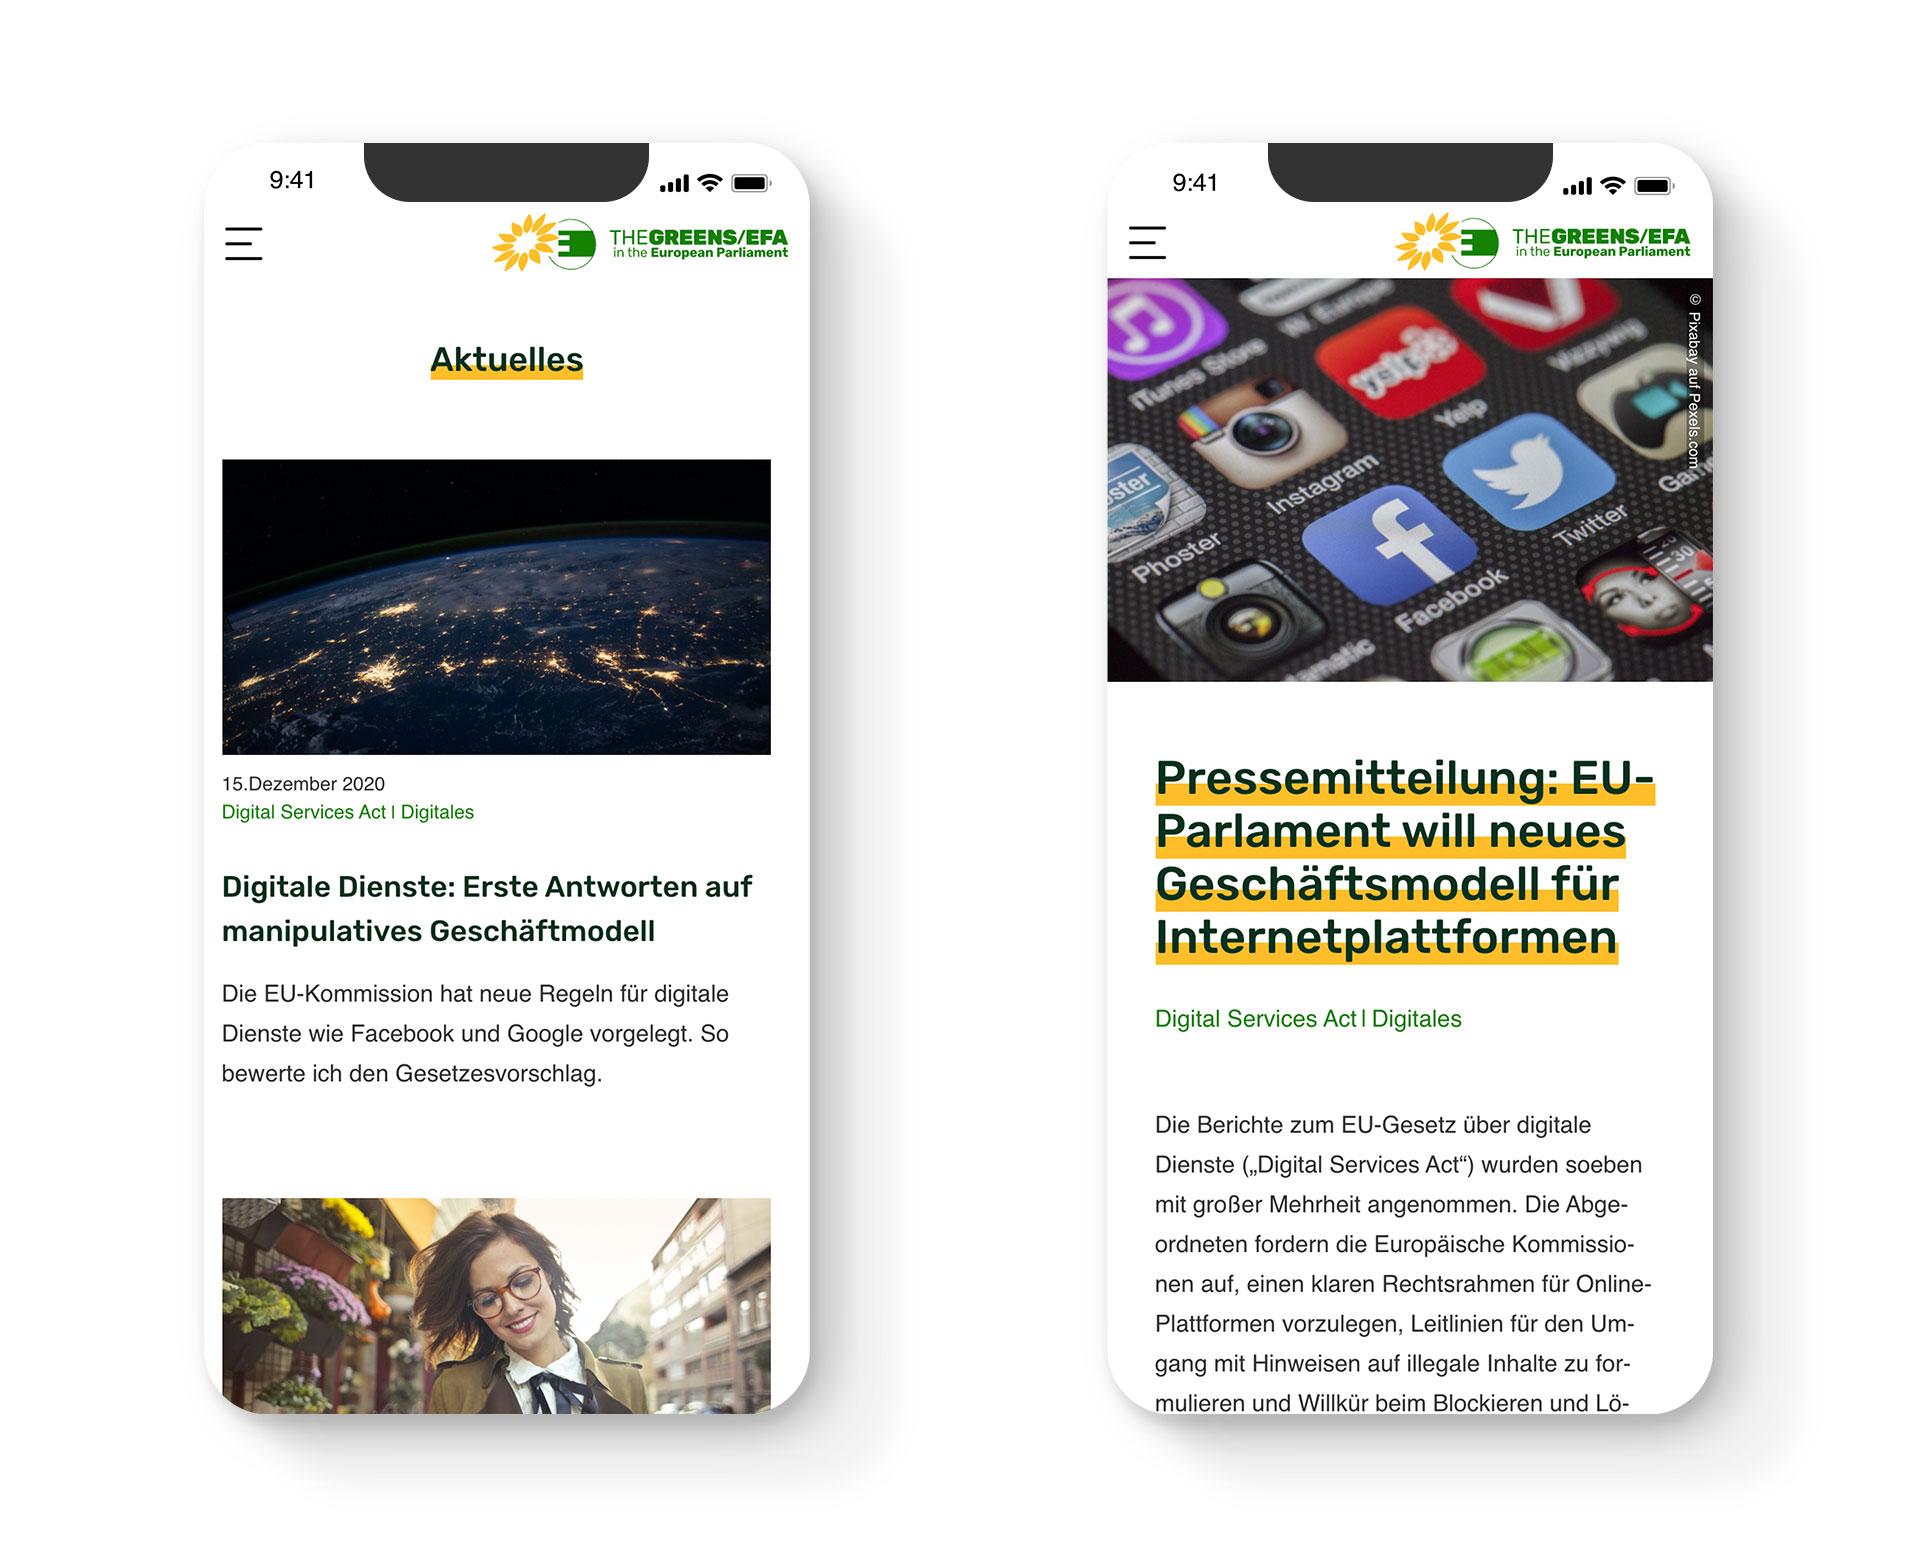 Mobilansicht von Newsbeiträgen auf der Website der EU-Politikerin Alexandra Geese